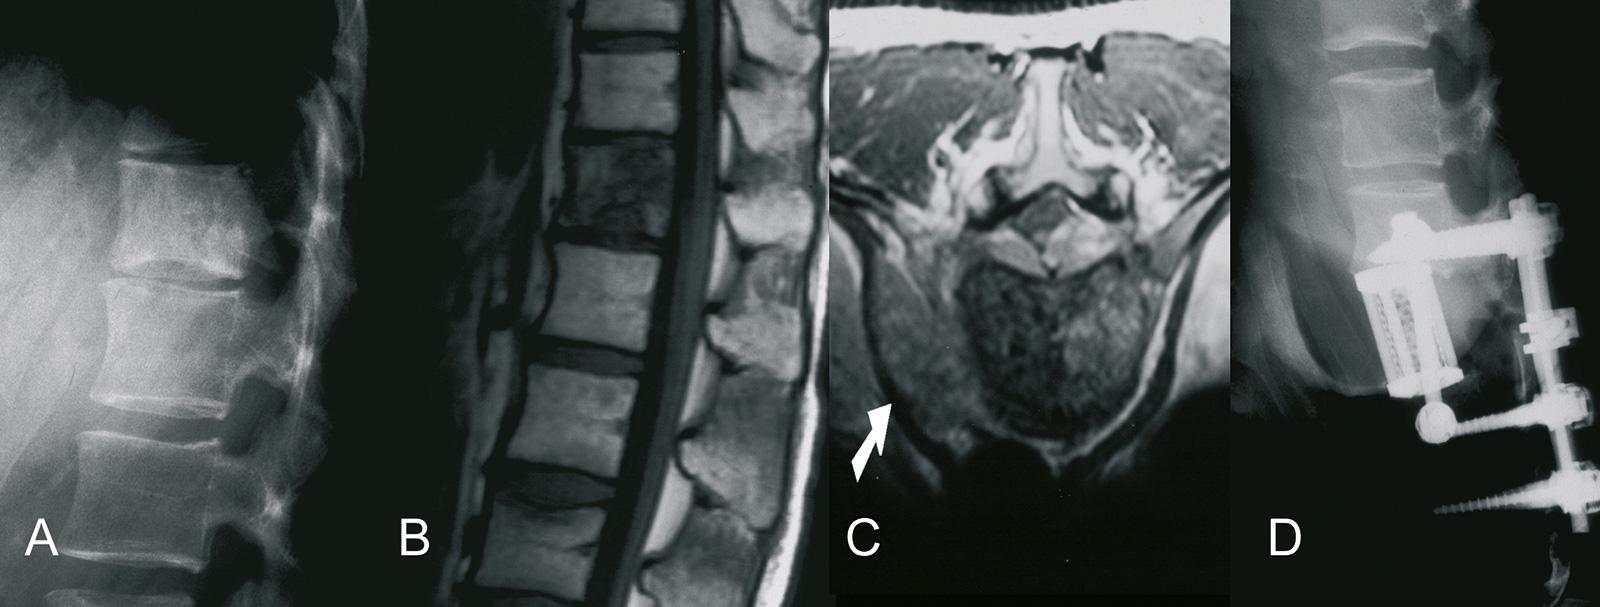 Abb. 8-69: Ewingsarkom der Wirbelsäule, auf einen Wirbelkörper beschränkter Befund im nativen Röntgenbild (A) und in der MRT-Bildgebung (B,C), nach Vertebrektomie und Cageinterposition mit dorsaler Stabilisierung (D) (Eigentum des Instituts für Klinische